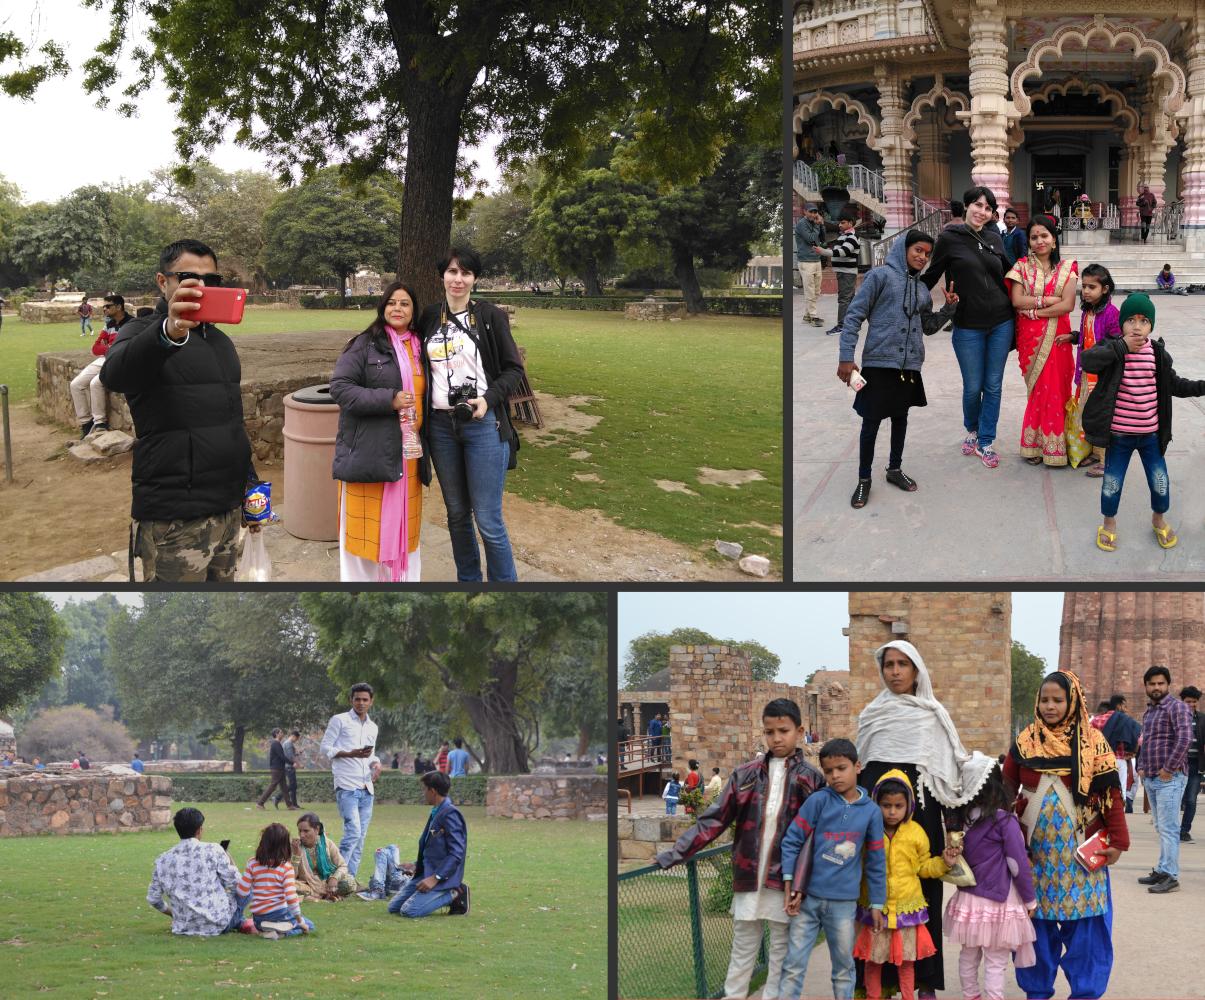 Фото 13. Пестрая компания и я. Что ждет вас на экскурсии в Дели. Снято на смартфон.